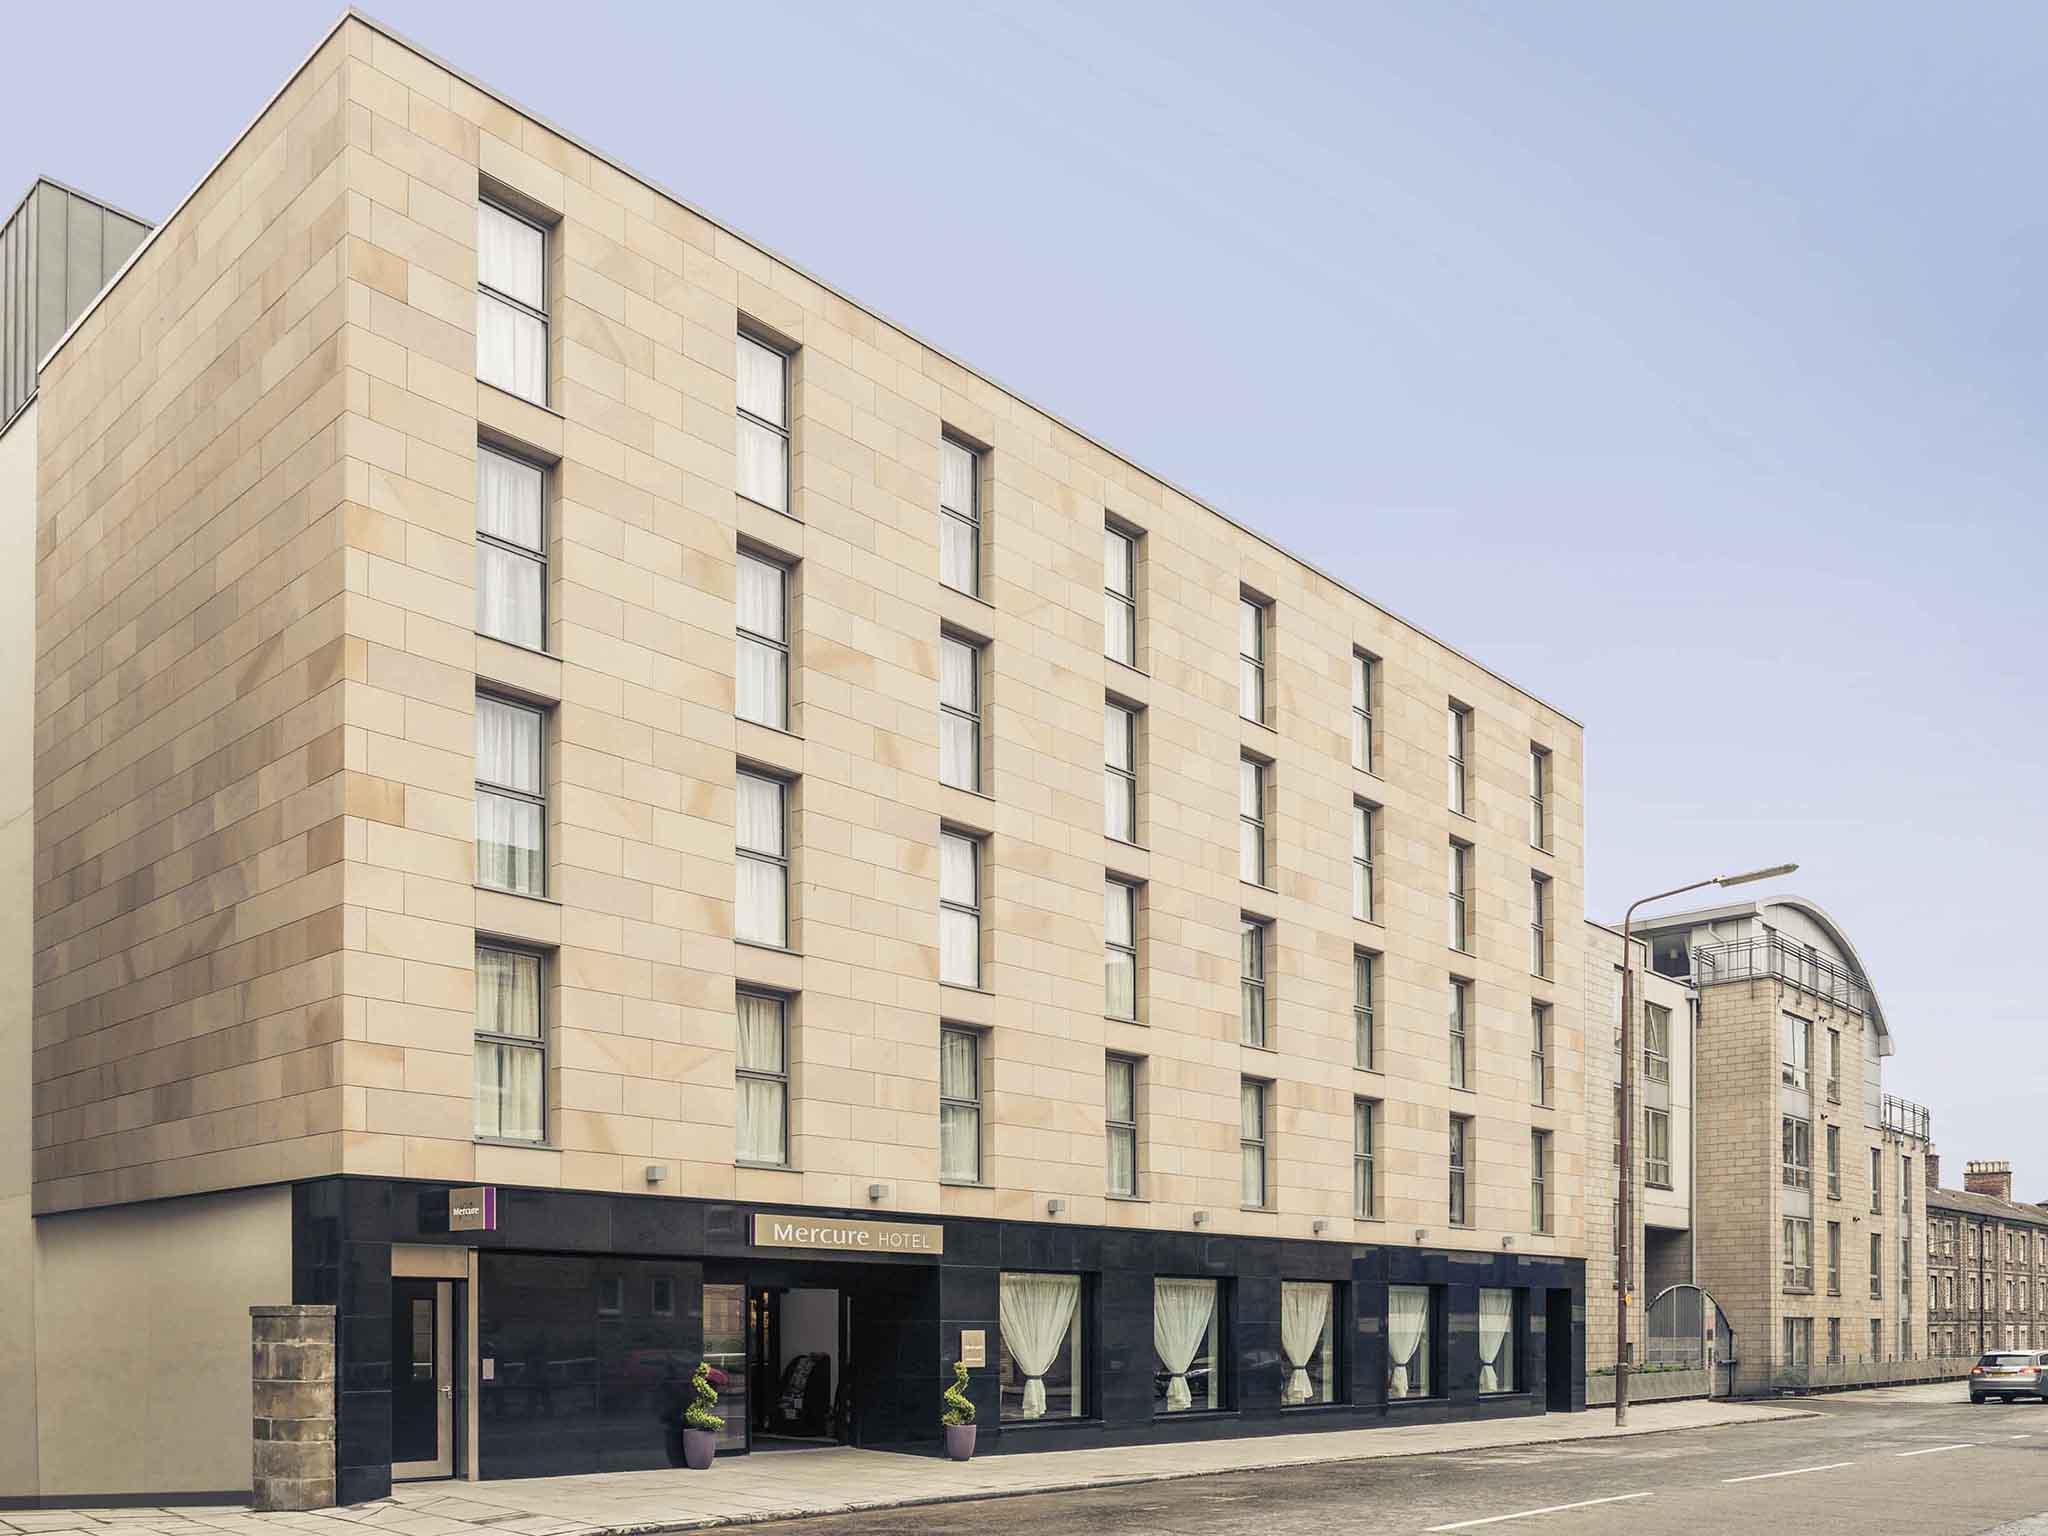 ホテル – メルキュール エディンバラ ヘイマーケット